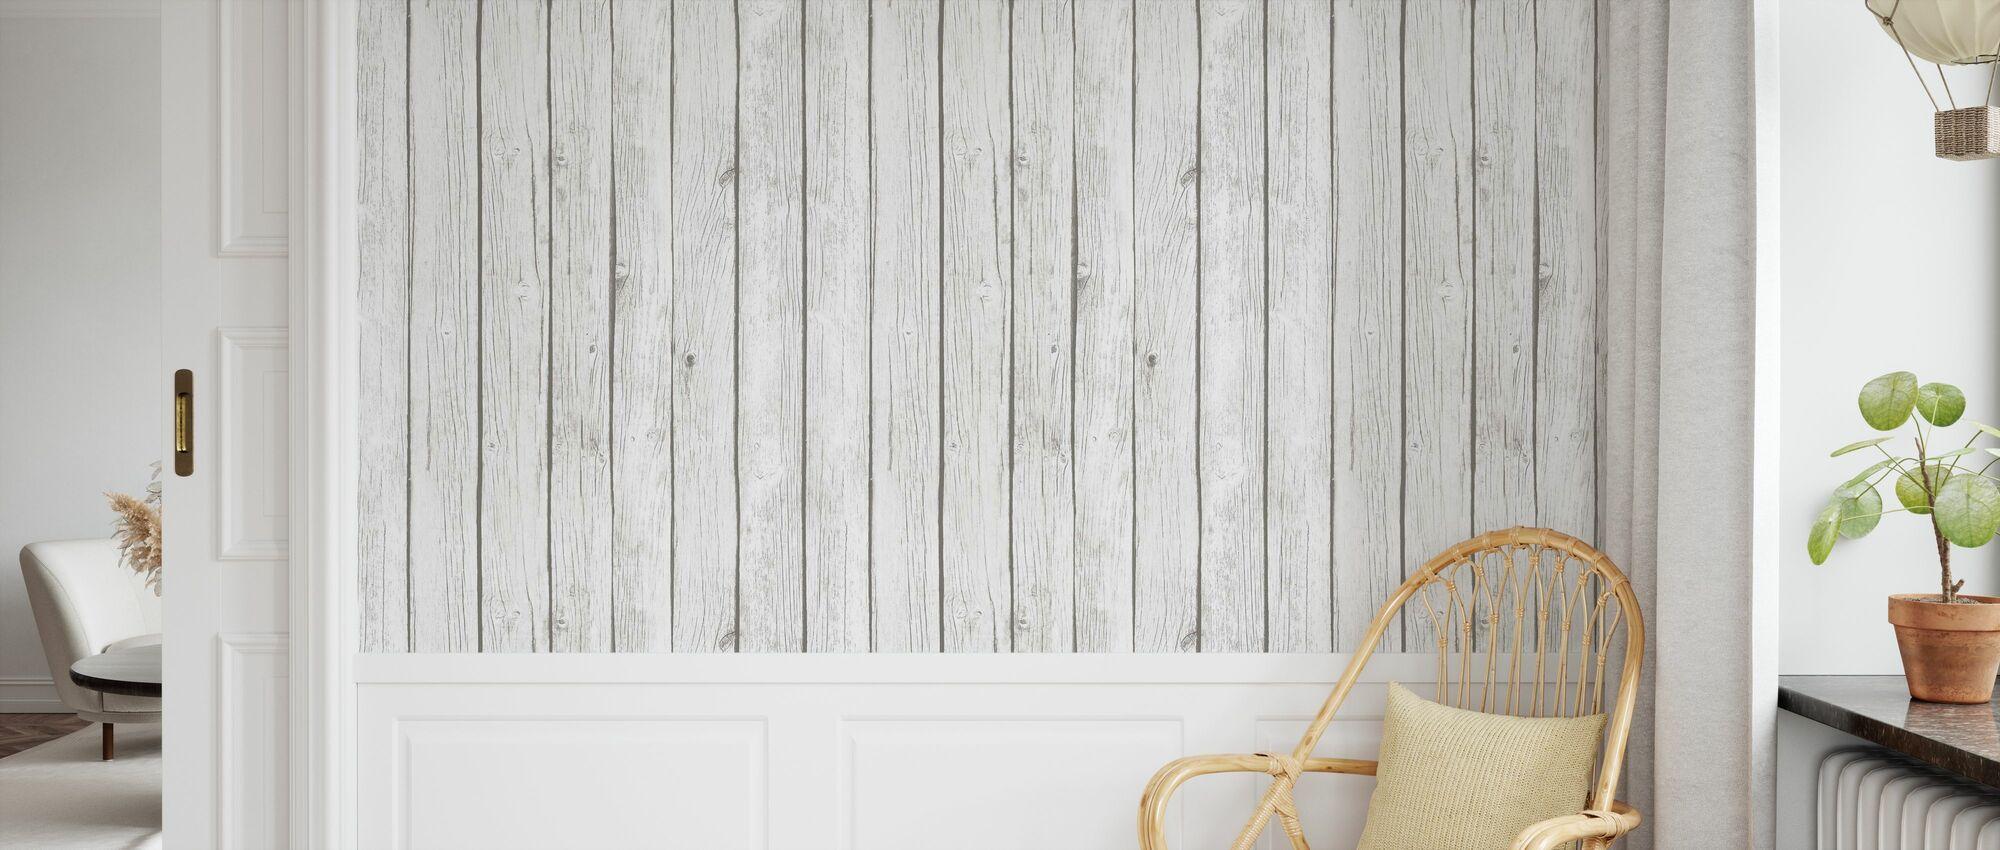 Board Wall - White - Wallpaper - Kids Room